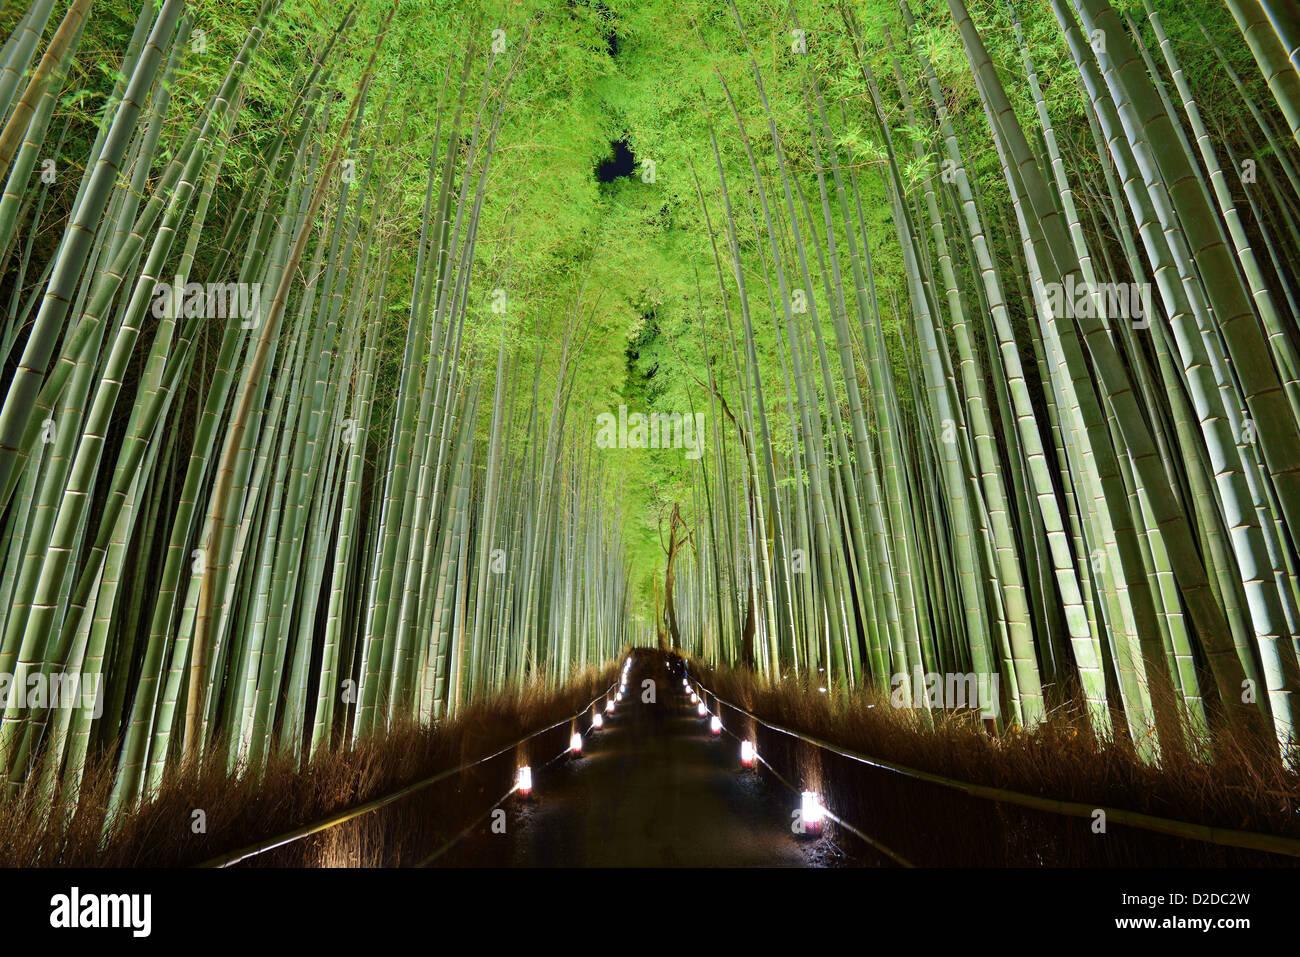 Il bosco di bambù di Kyoto, Giappone. Immagini Stock